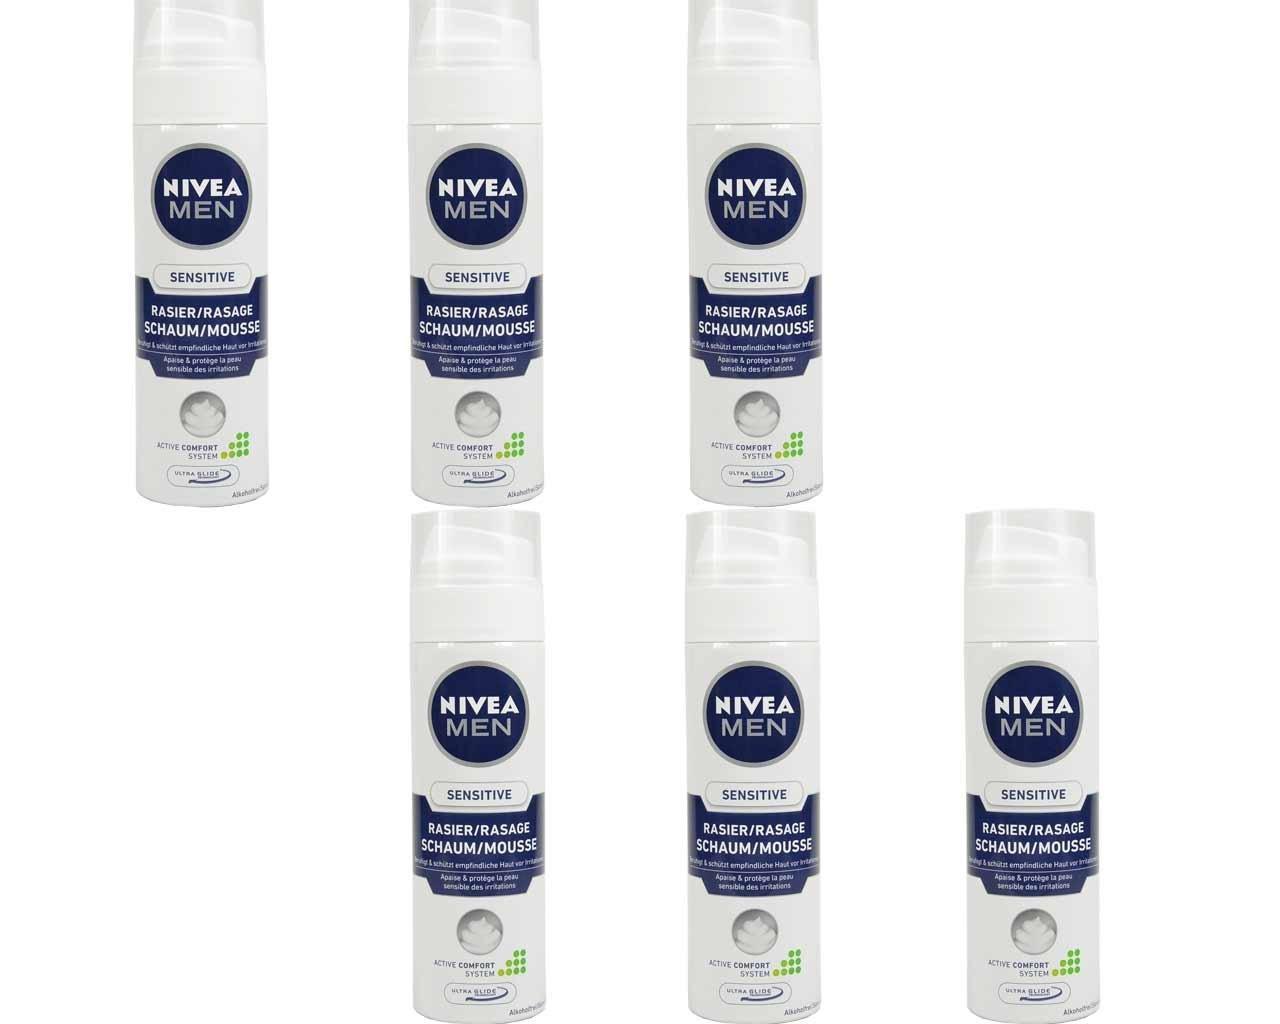 [amazon.de] 6 x Nivea Sensitive pjena za brijanje za 7,74€